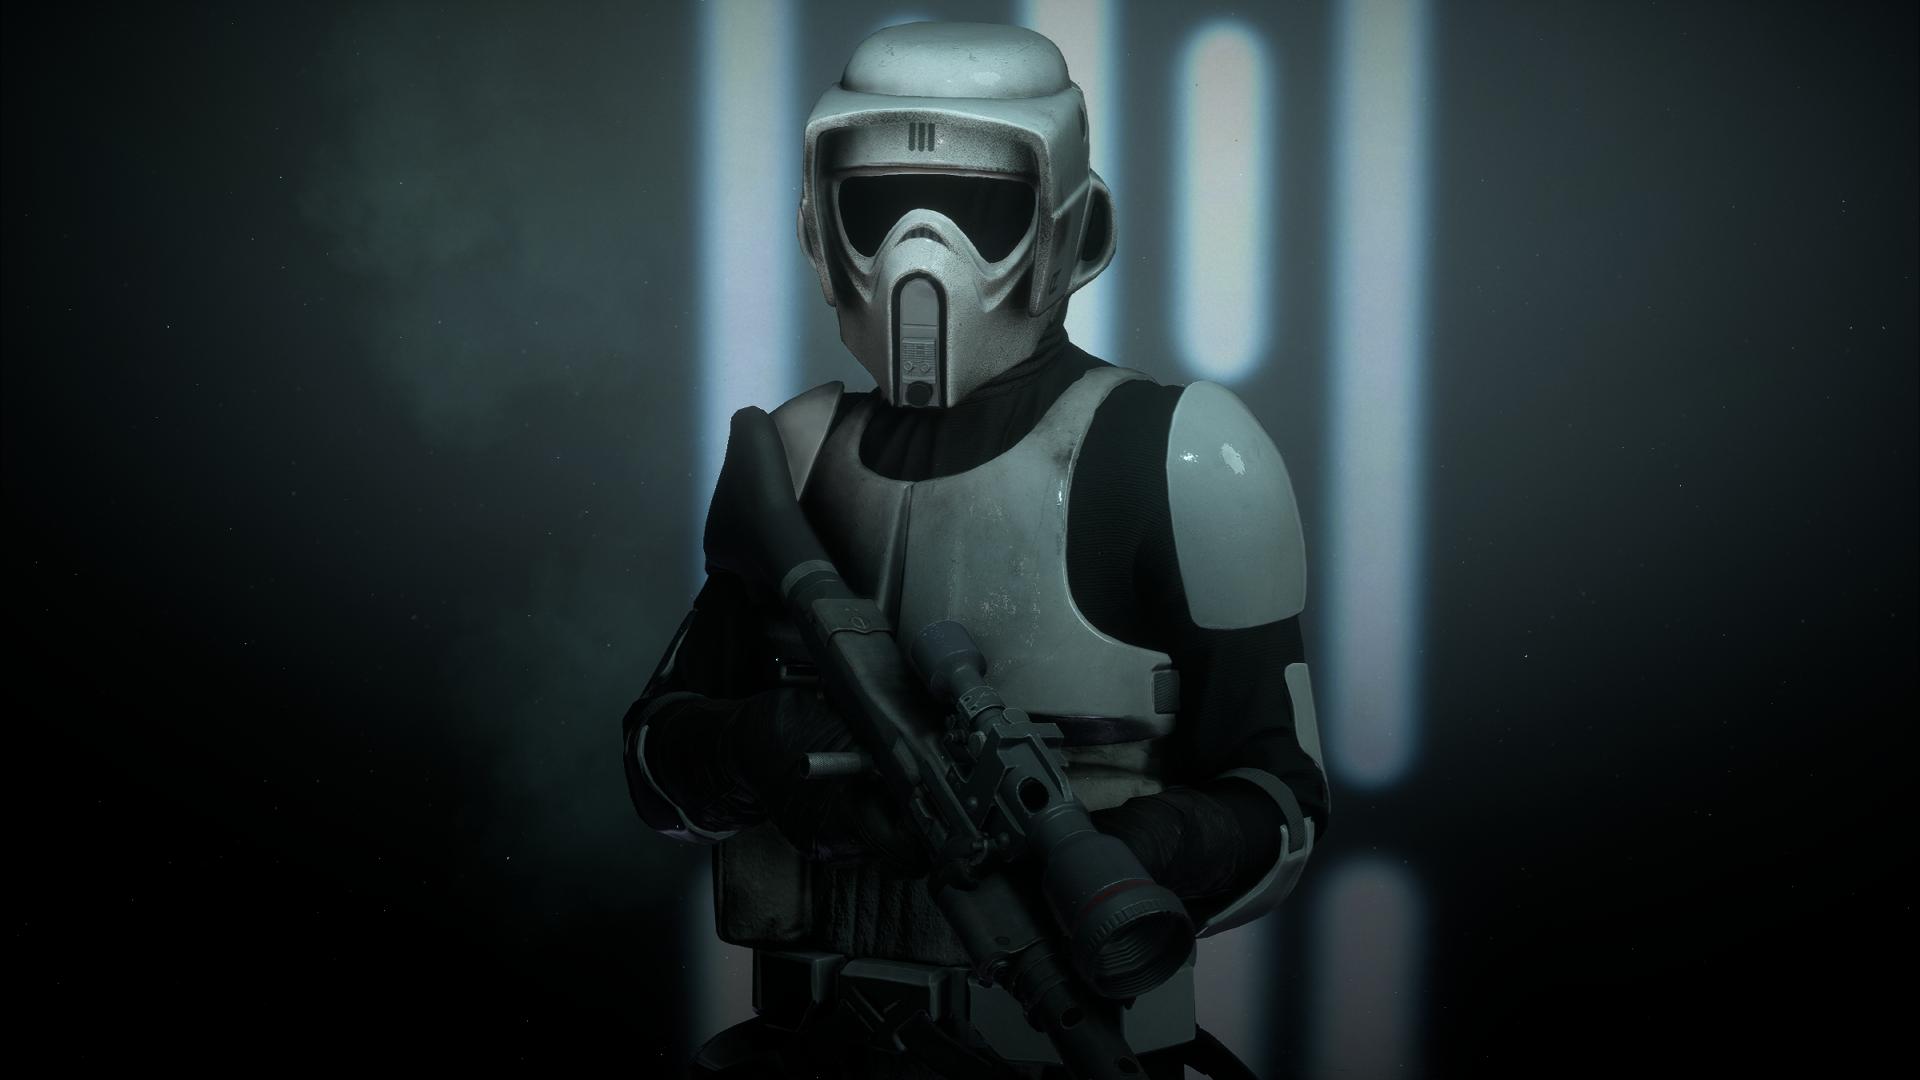 Scout Trooper HD Wallpaper